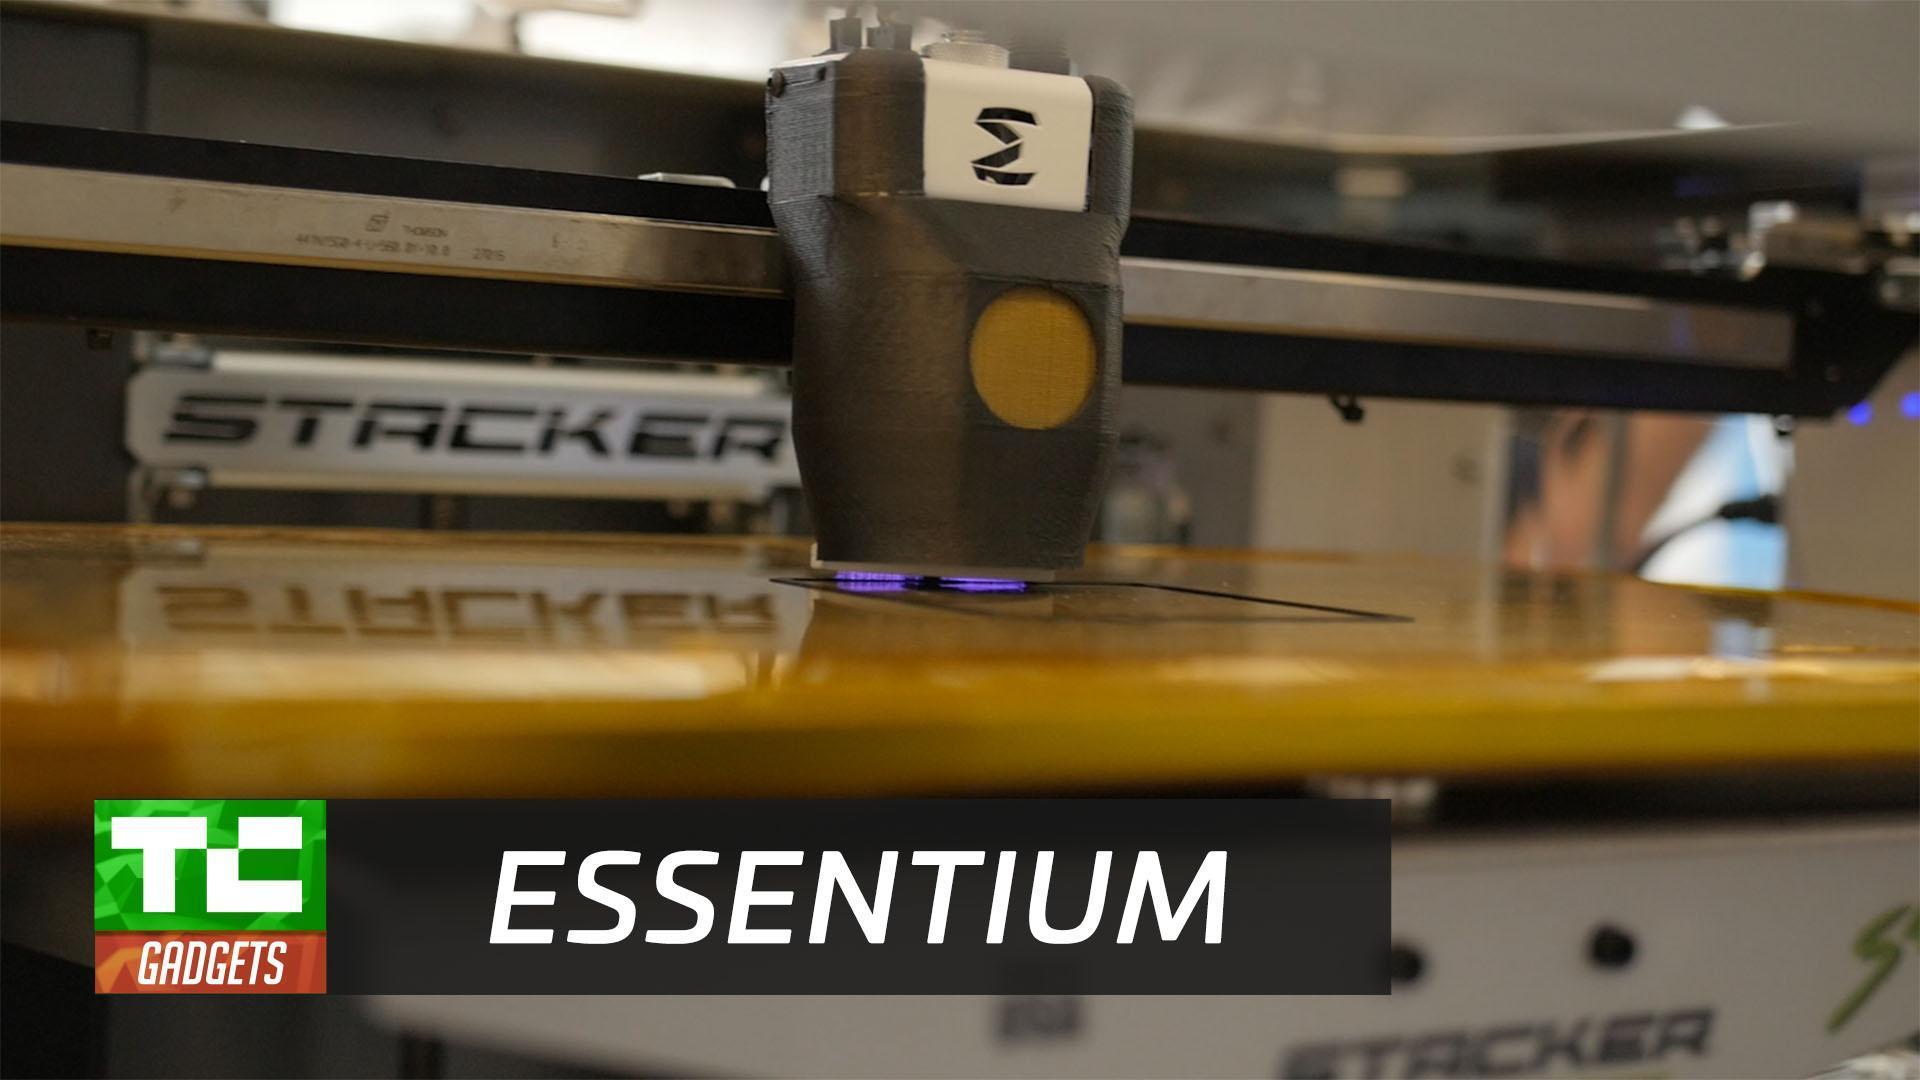 Essentium's FuseBox prints 3D with plasma